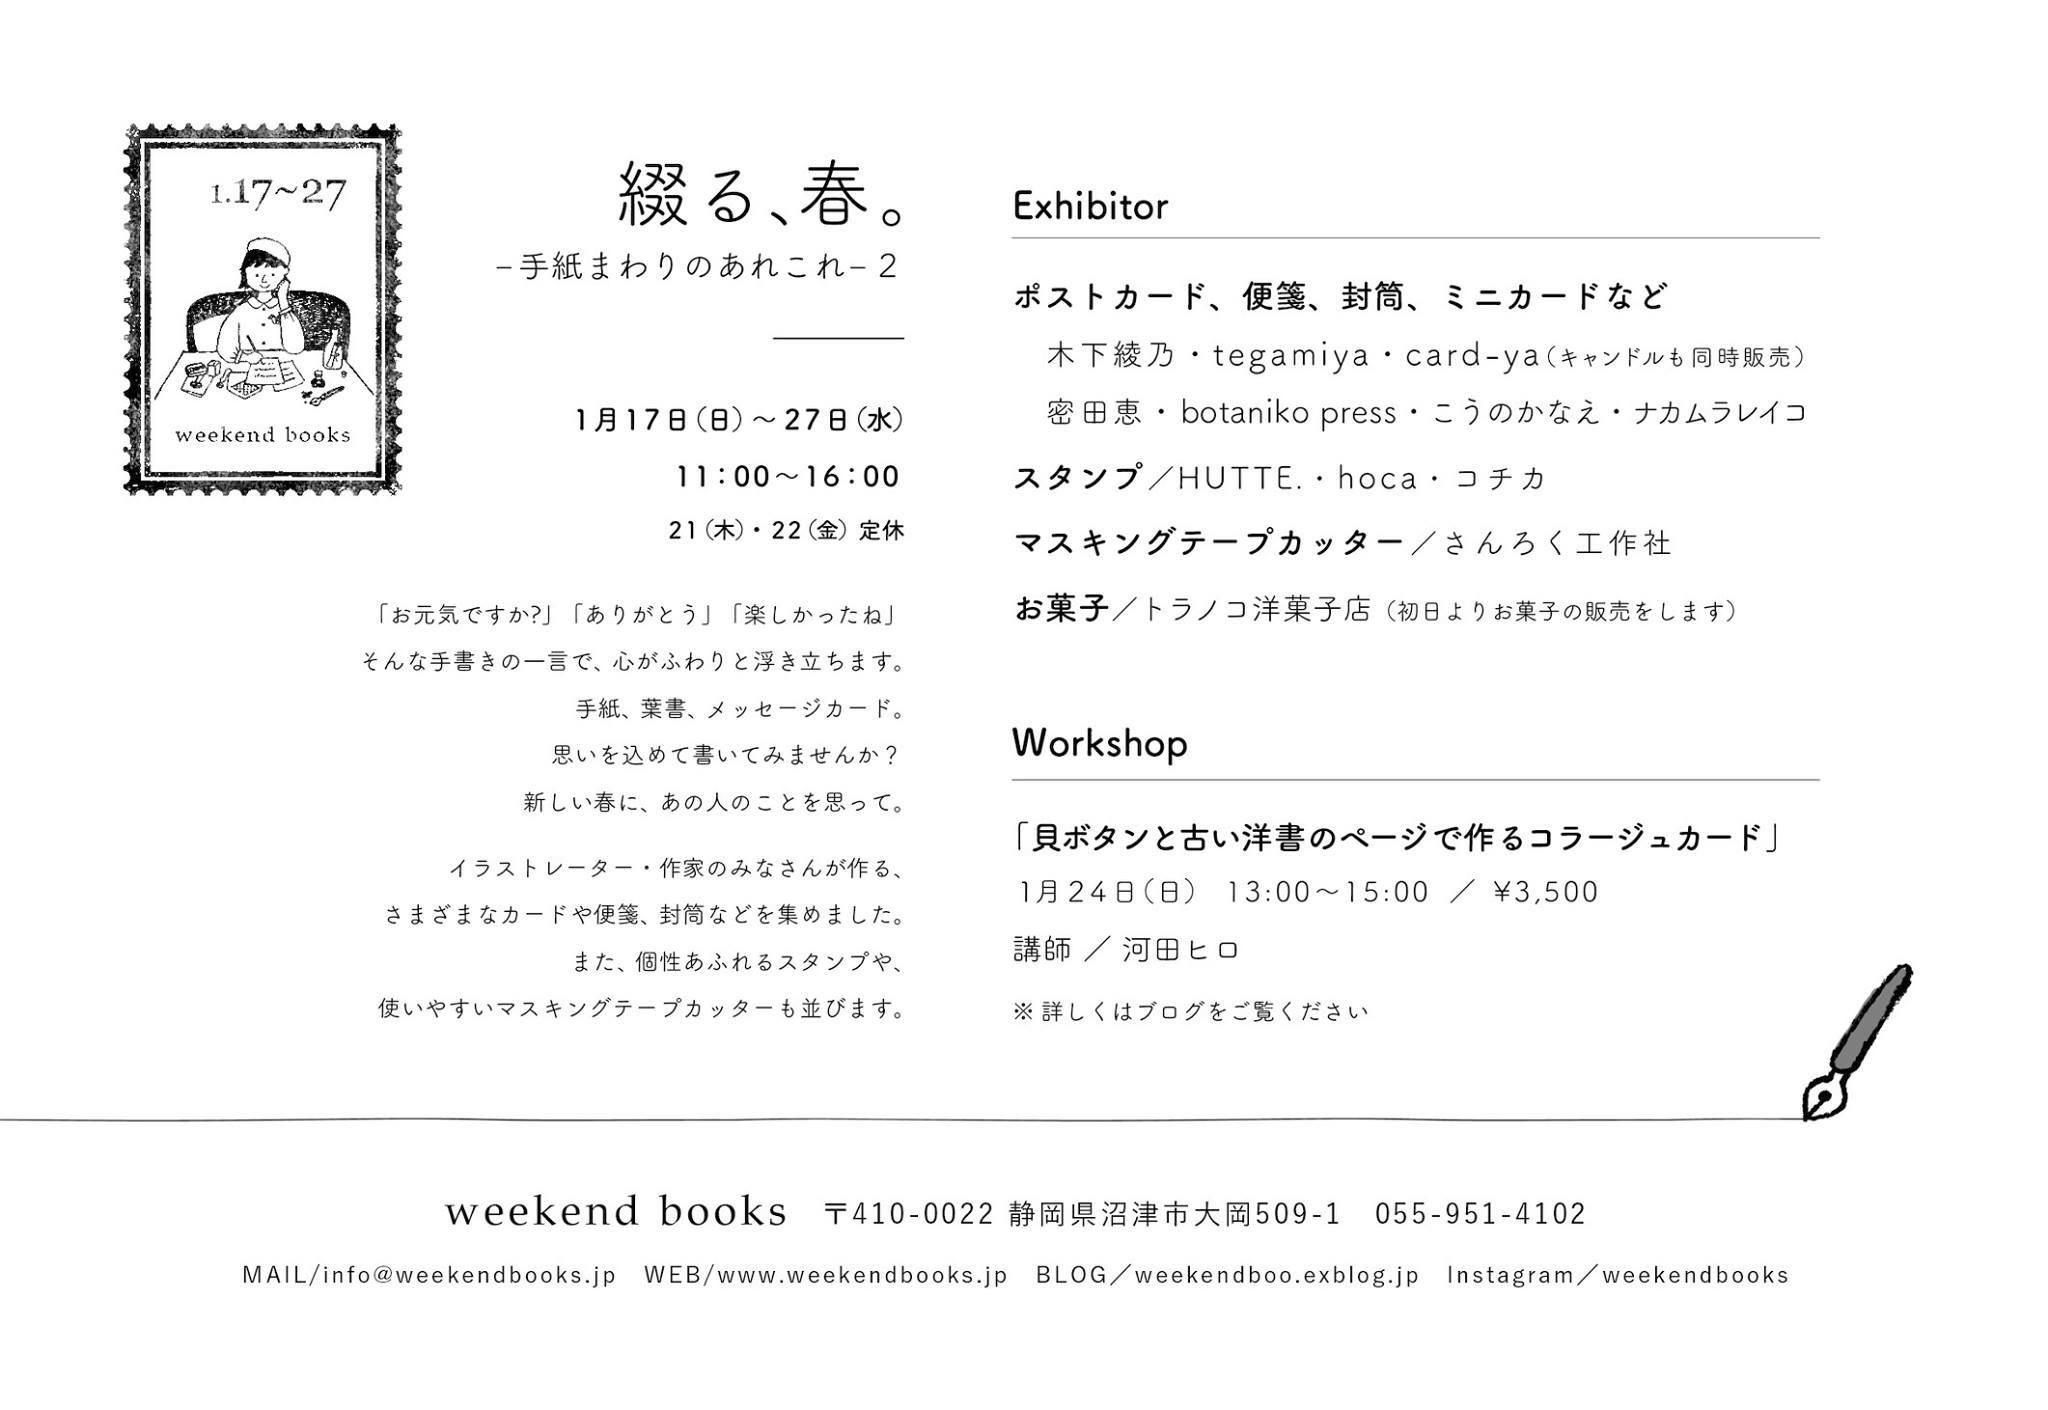 「貝ボタンと古い洋書のページで作るコラージュカード」ワークショップのお知らせ。_e0060555_12293128.jpg